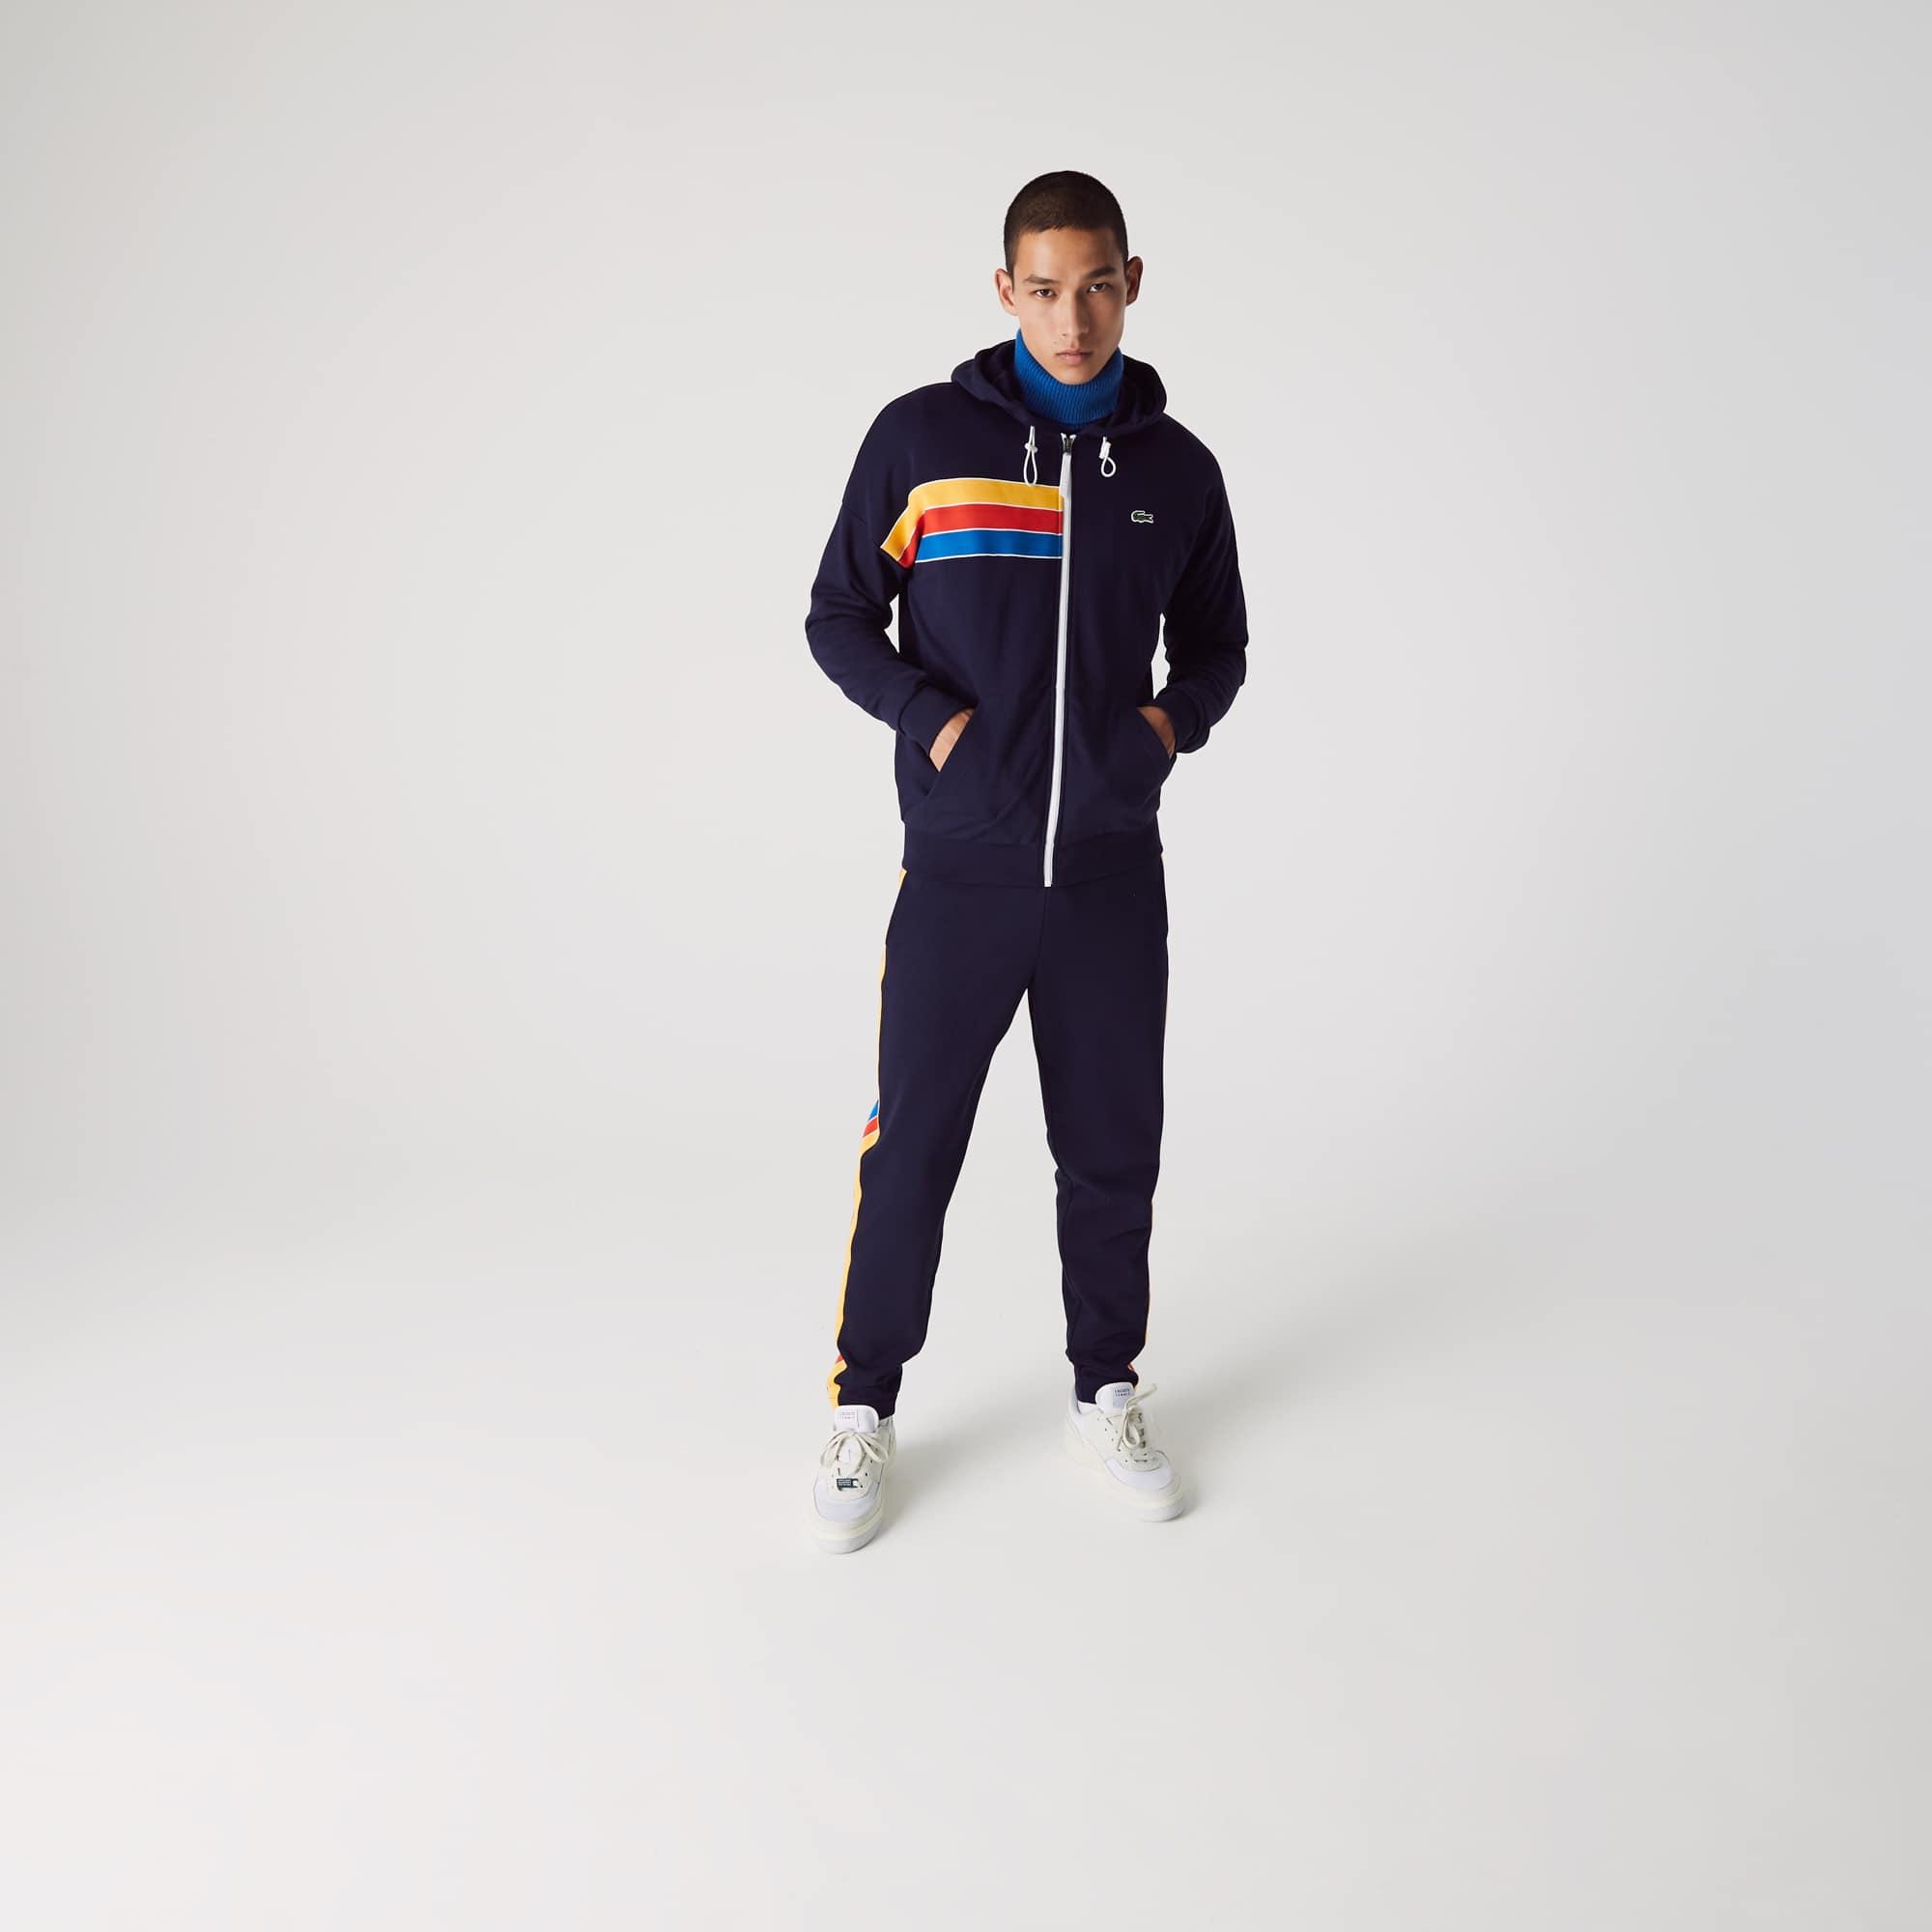 라코스테 스포츠 컬러블록 집업 후드 - 2 컬러 Lacoste Mens SPORT Hooded Colorblock Fleece Zip Sweatshirt